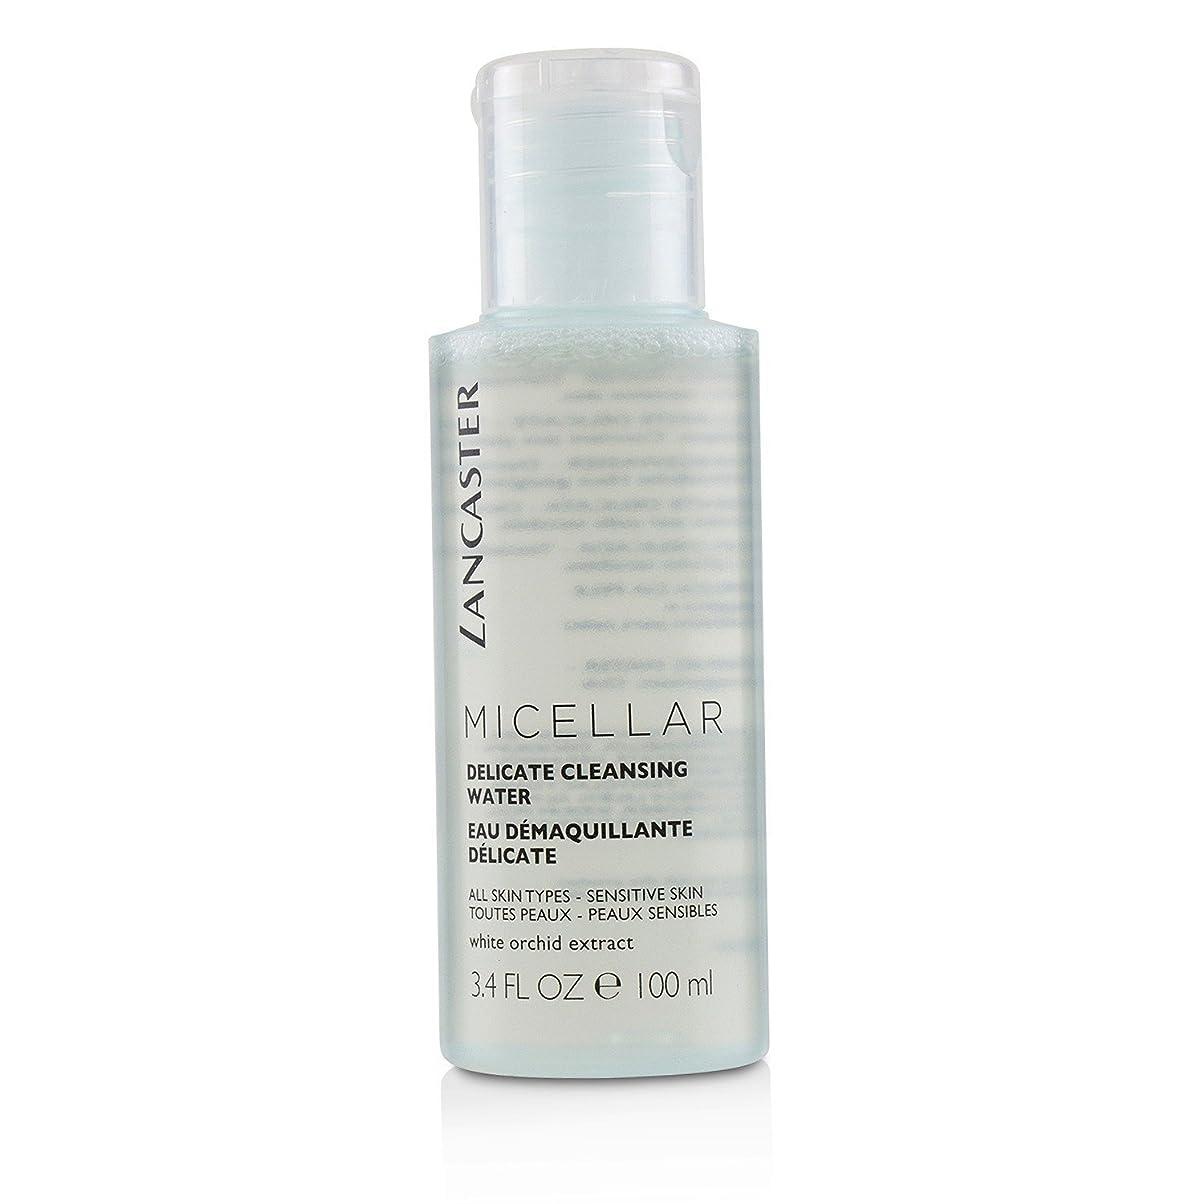 大型トラック兵隊討論ランカスター Micellar Delicate Cleansing Water - All Skin Types, Including Sensitive Skin 100ml/3.4oz並行輸入品